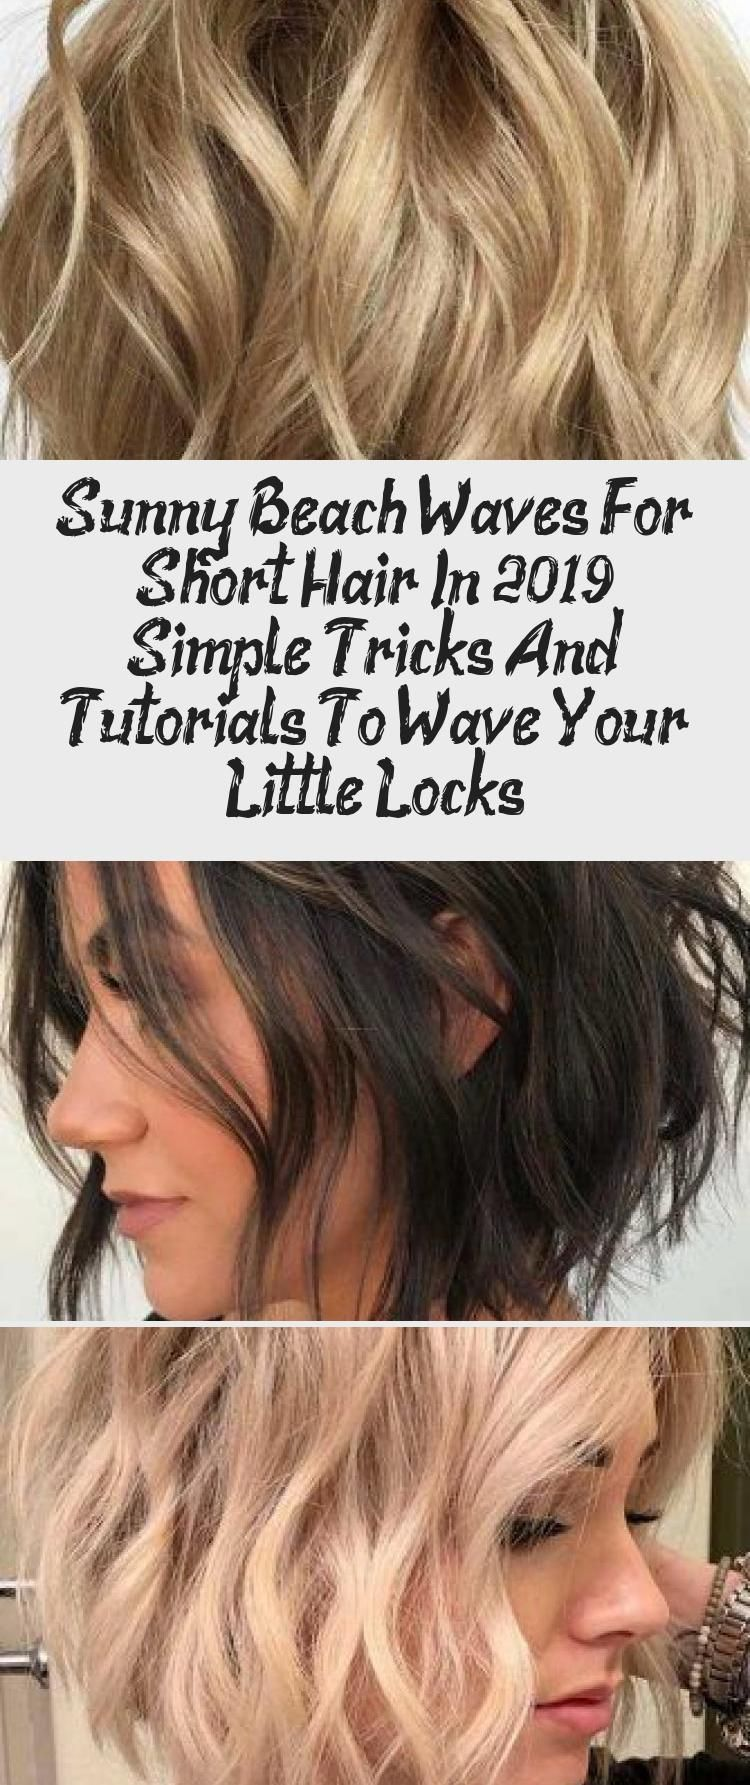 Blonde Beach Waves For Short Hair Beachwaves Shorthair Hairstyles Bobhaircut Blondehair Ev In 2020 Beach Waves For Short Hair Short Hair Styles Short Hair Waves